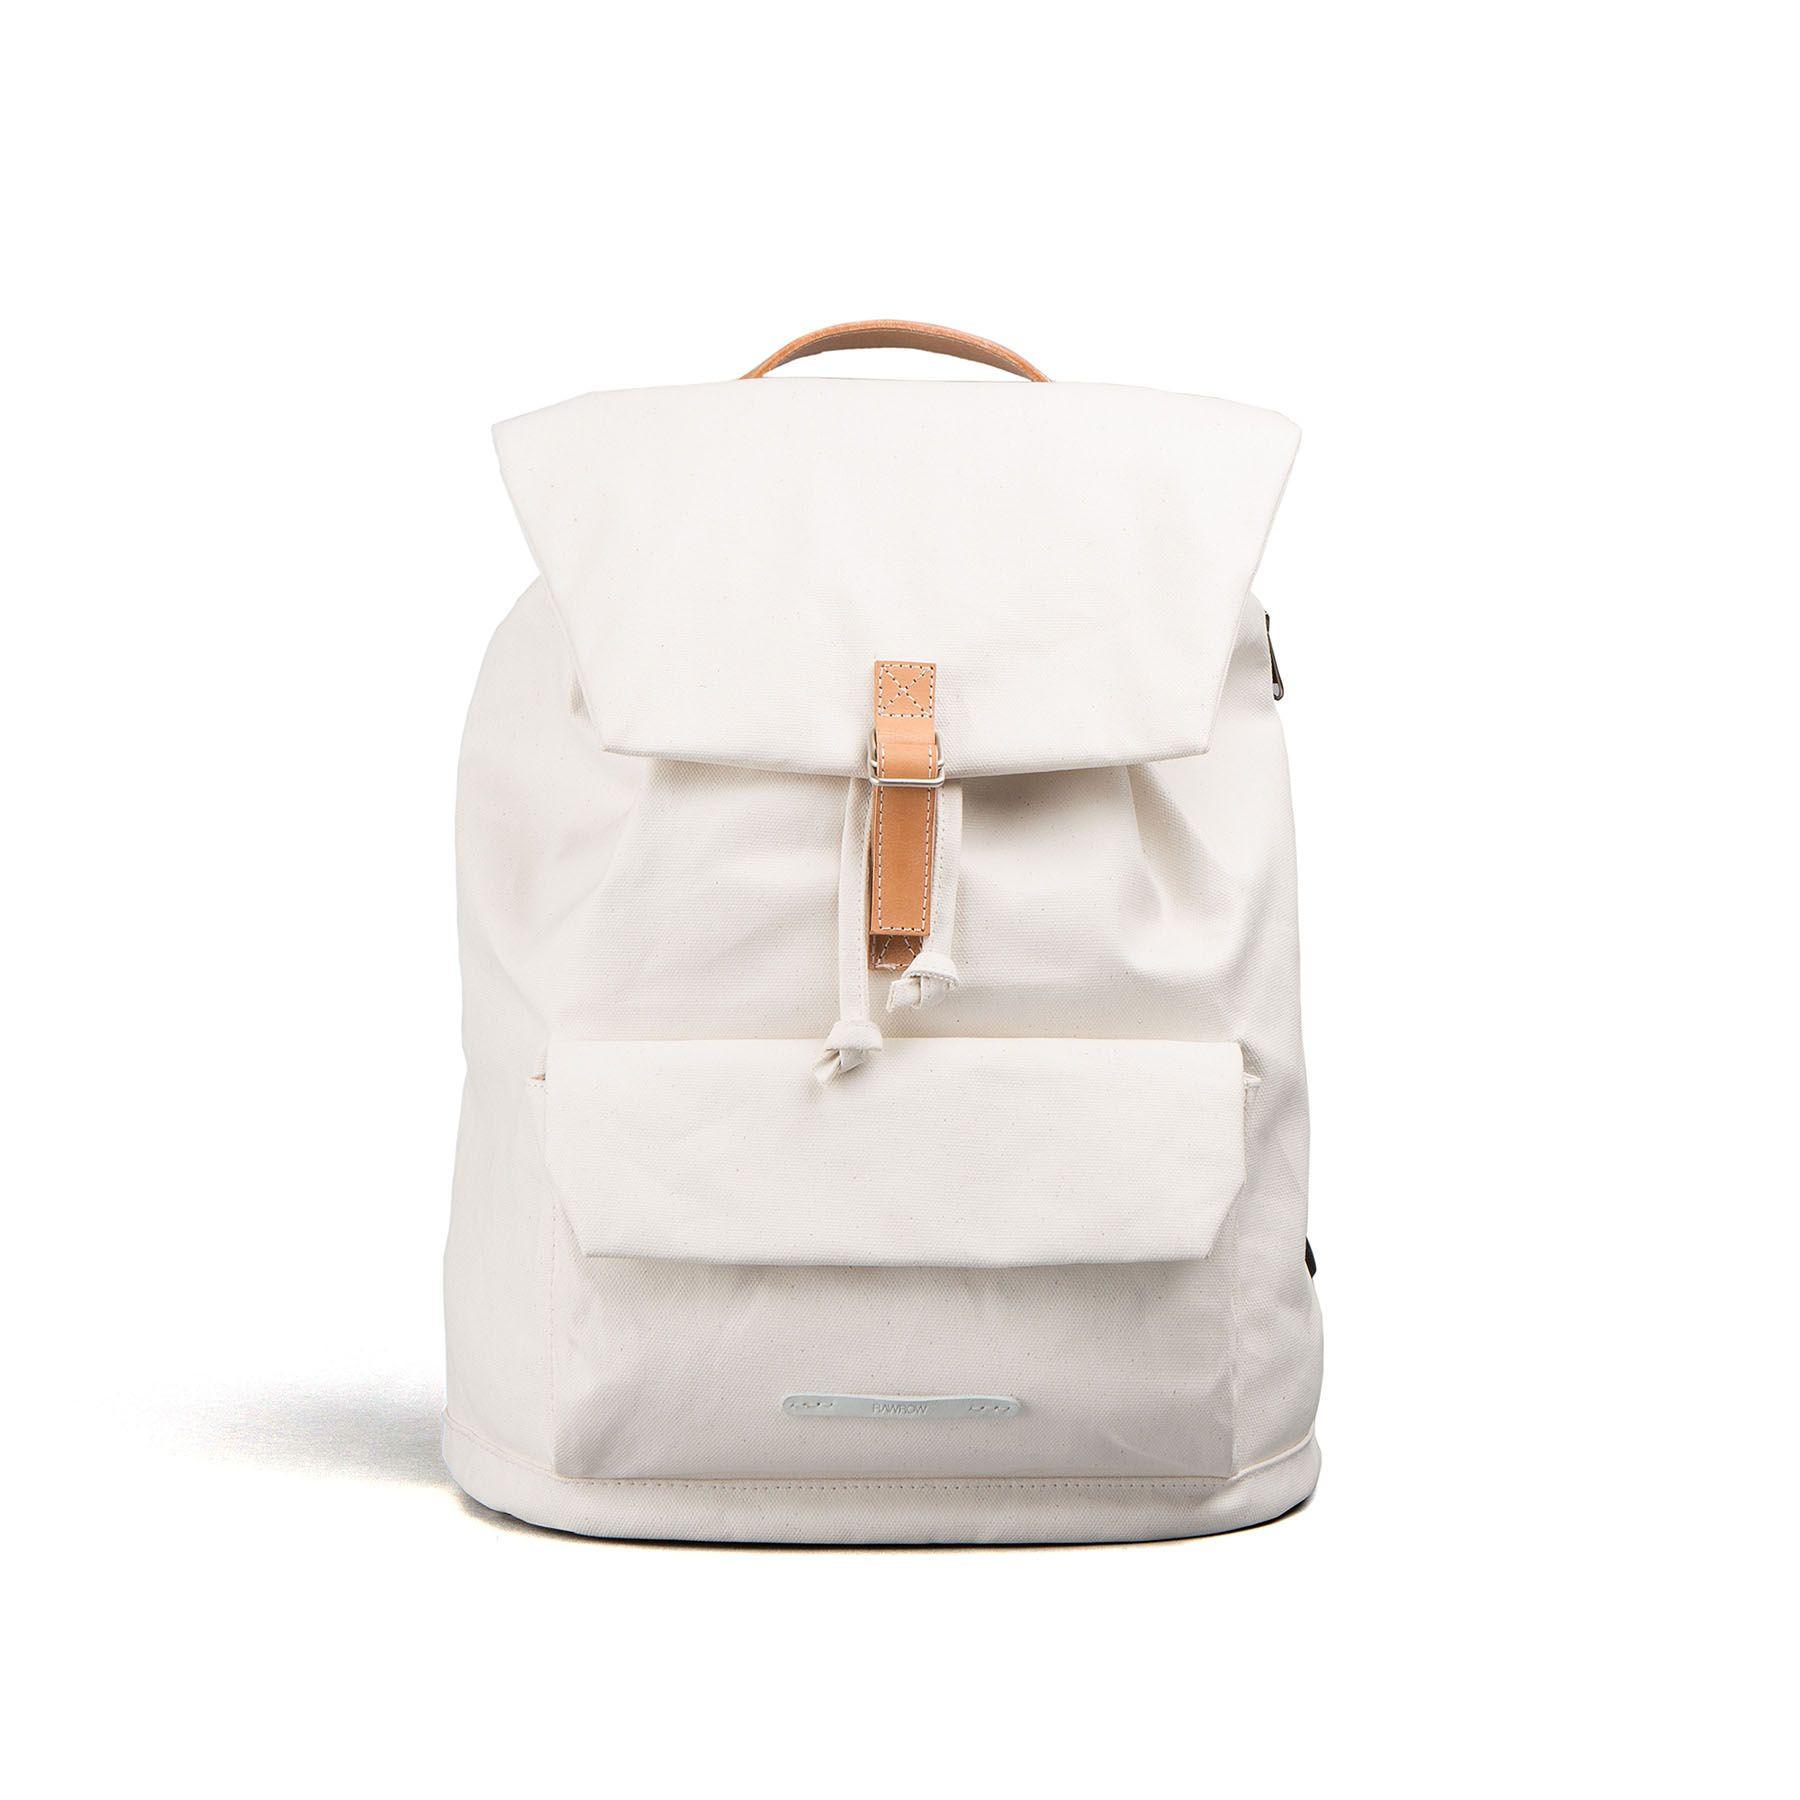 R Bag 510 Rugged Canvas   White